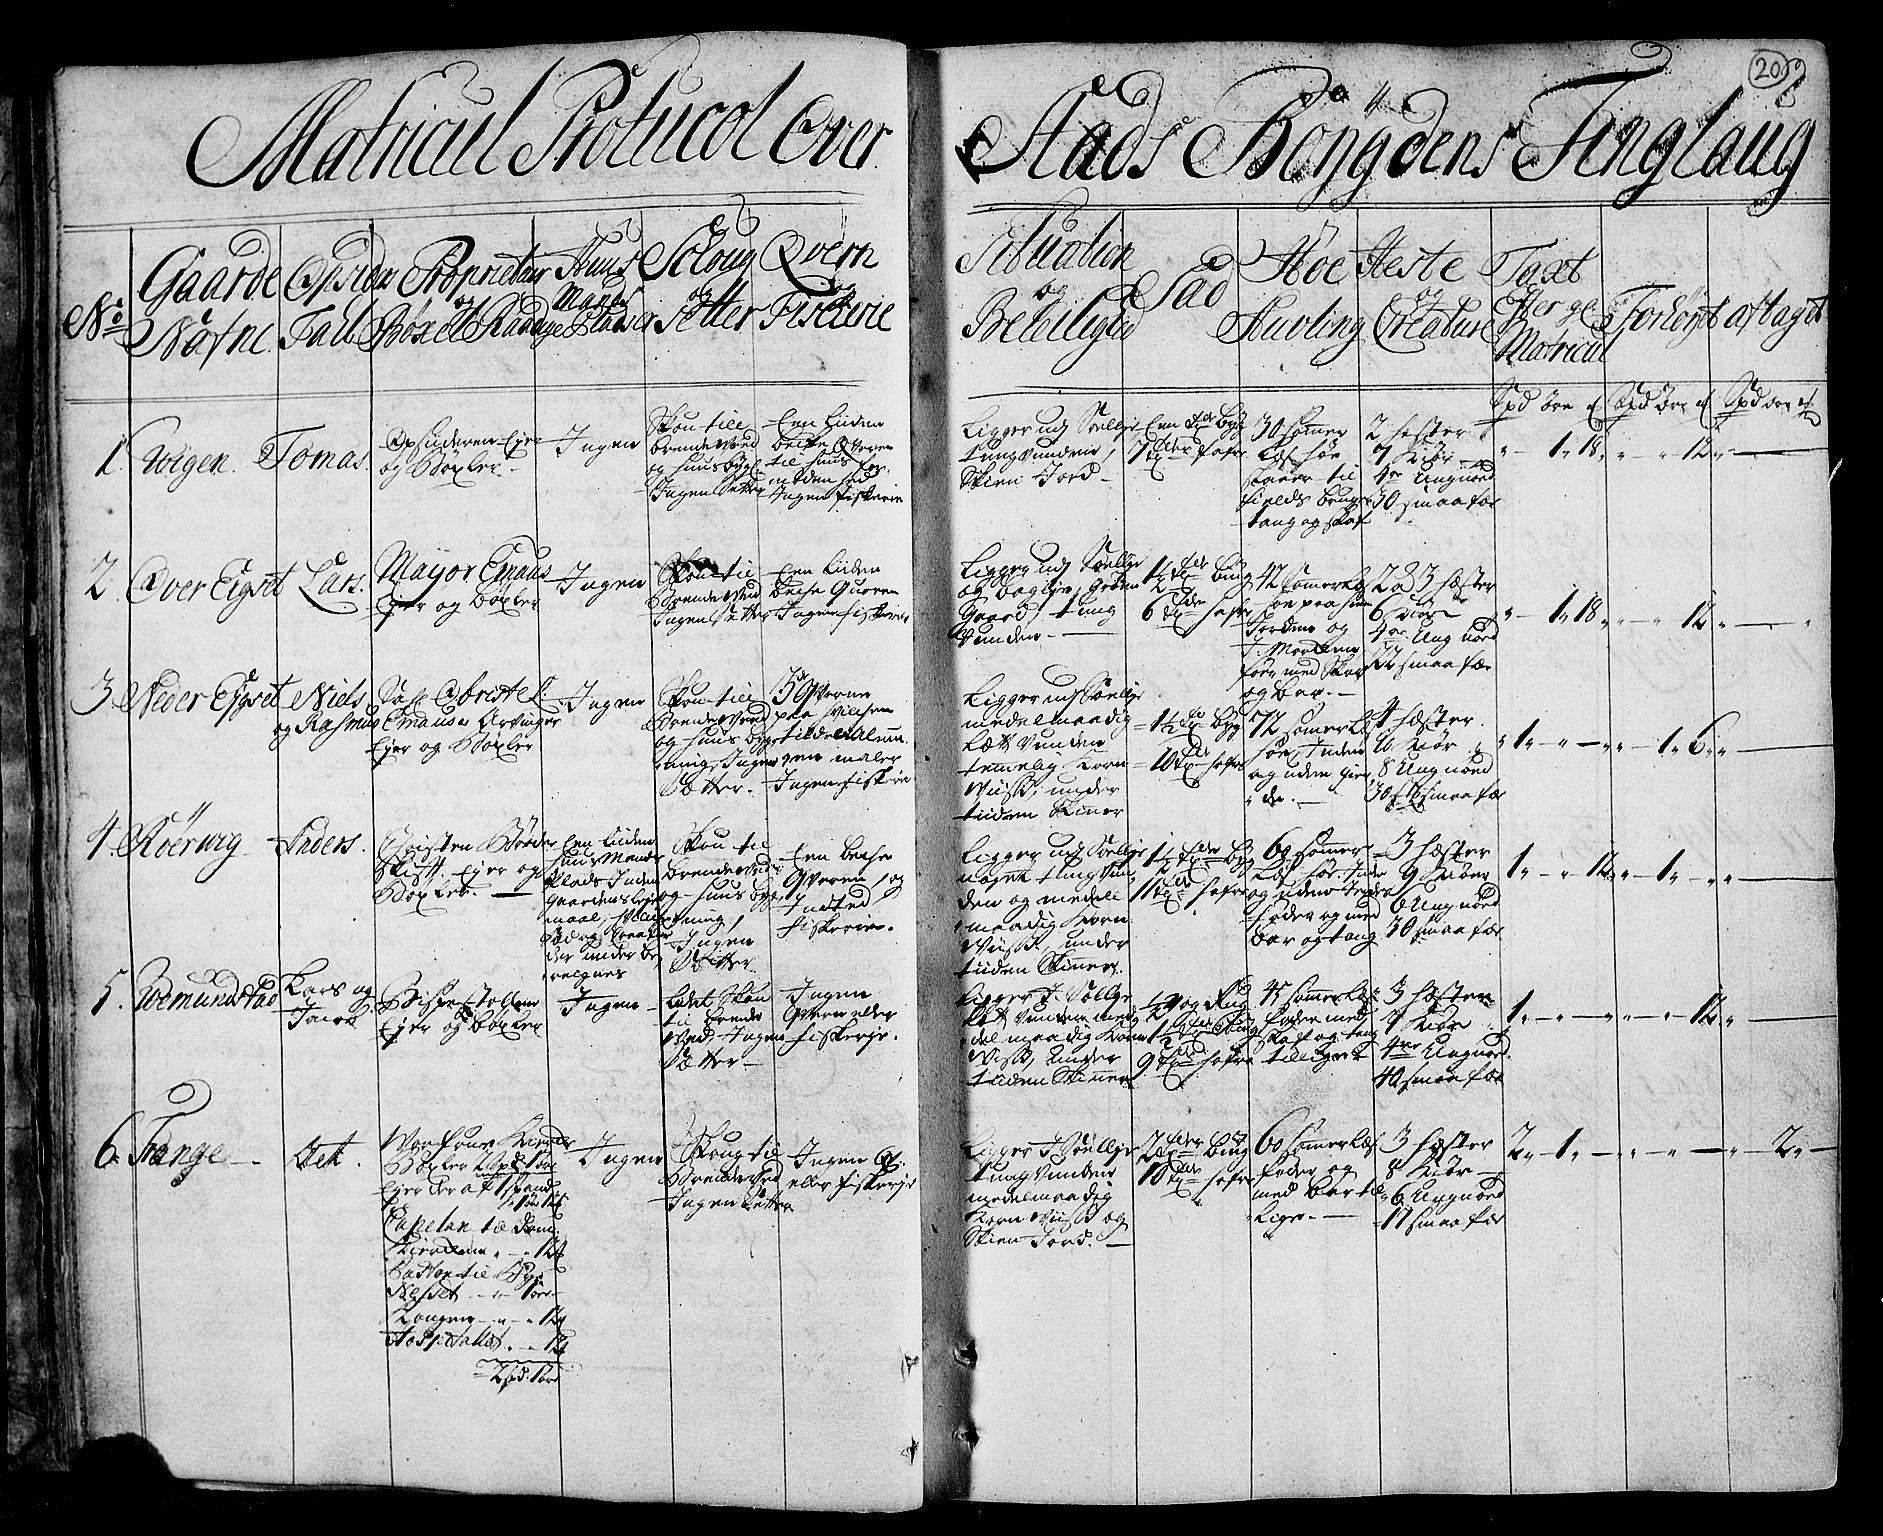 RA, Rentekammeret inntil 1814, Realistisk ordnet avdeling, N/Nb/Nbf/L0162: Fosen eksaminasjonsprotokoll, 1723, s. 19b-20a